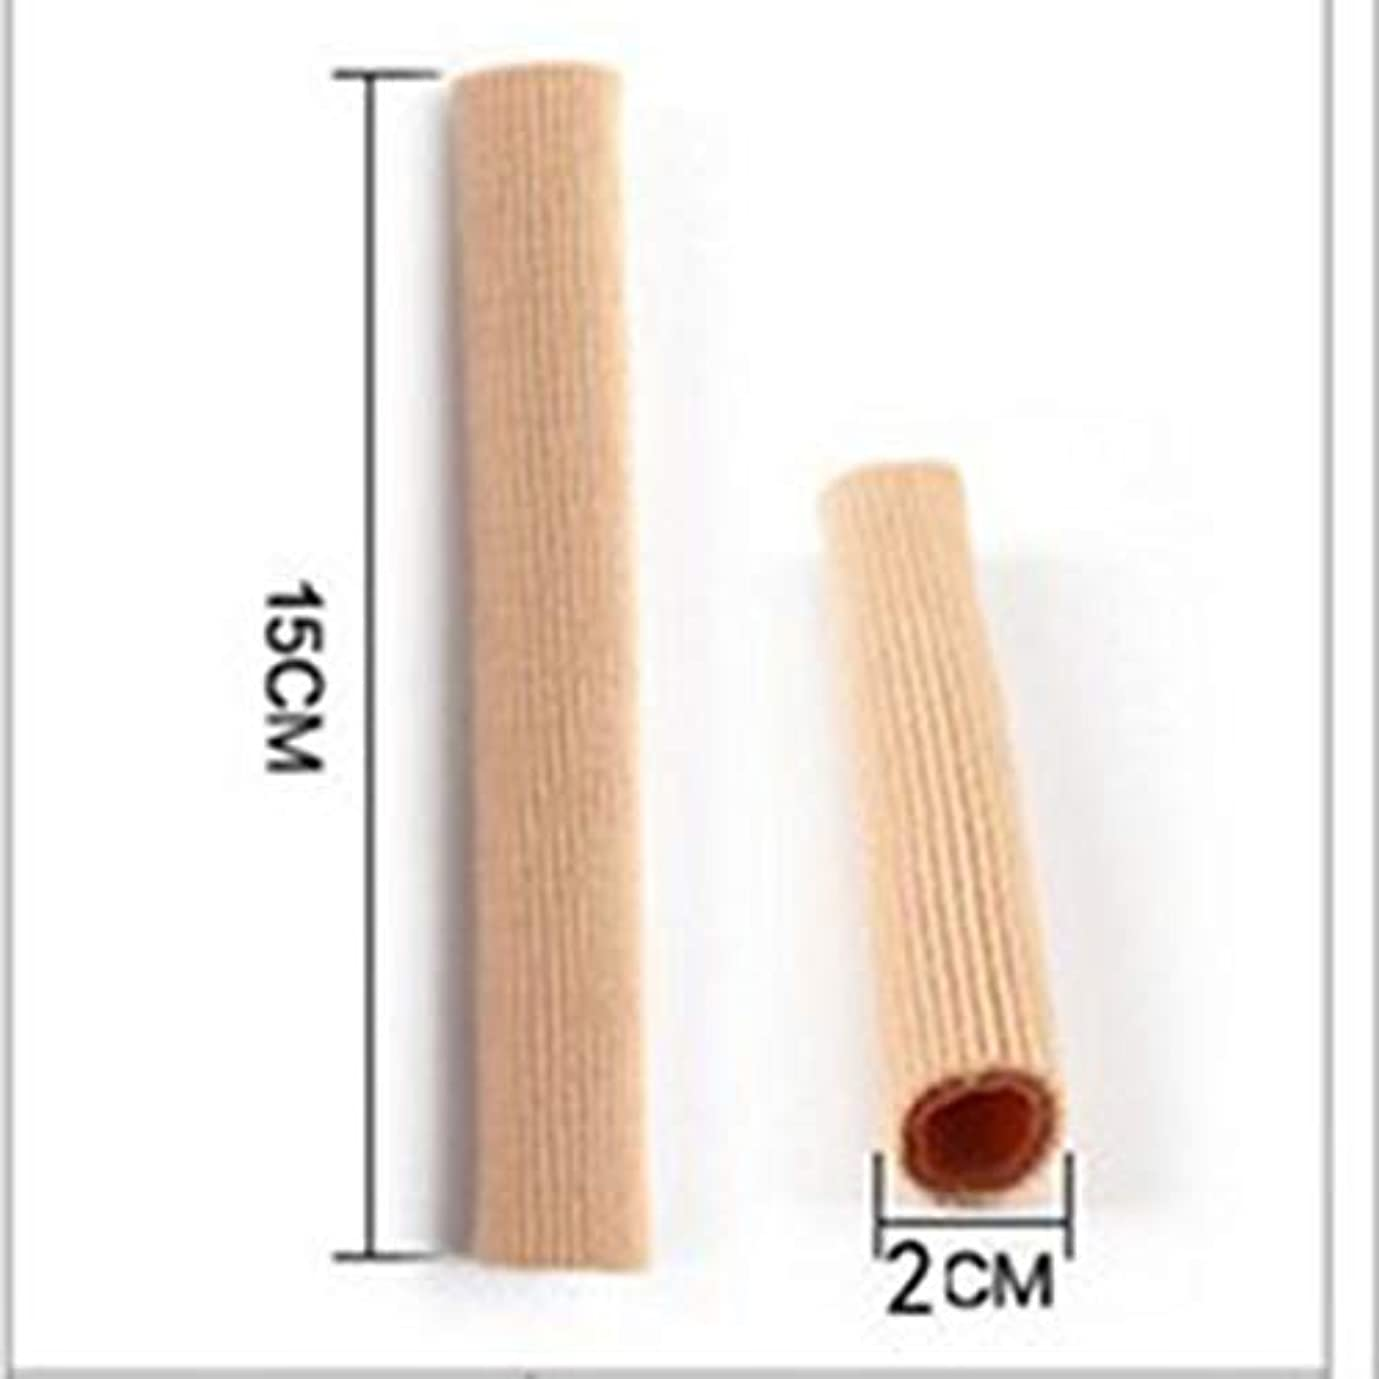 アウター昆虫十分ではないOpen Toe Tubes Gel Lined Fabric Sleeve Protectors To Prevent Corns, Calluses And Blisters While Softening And...